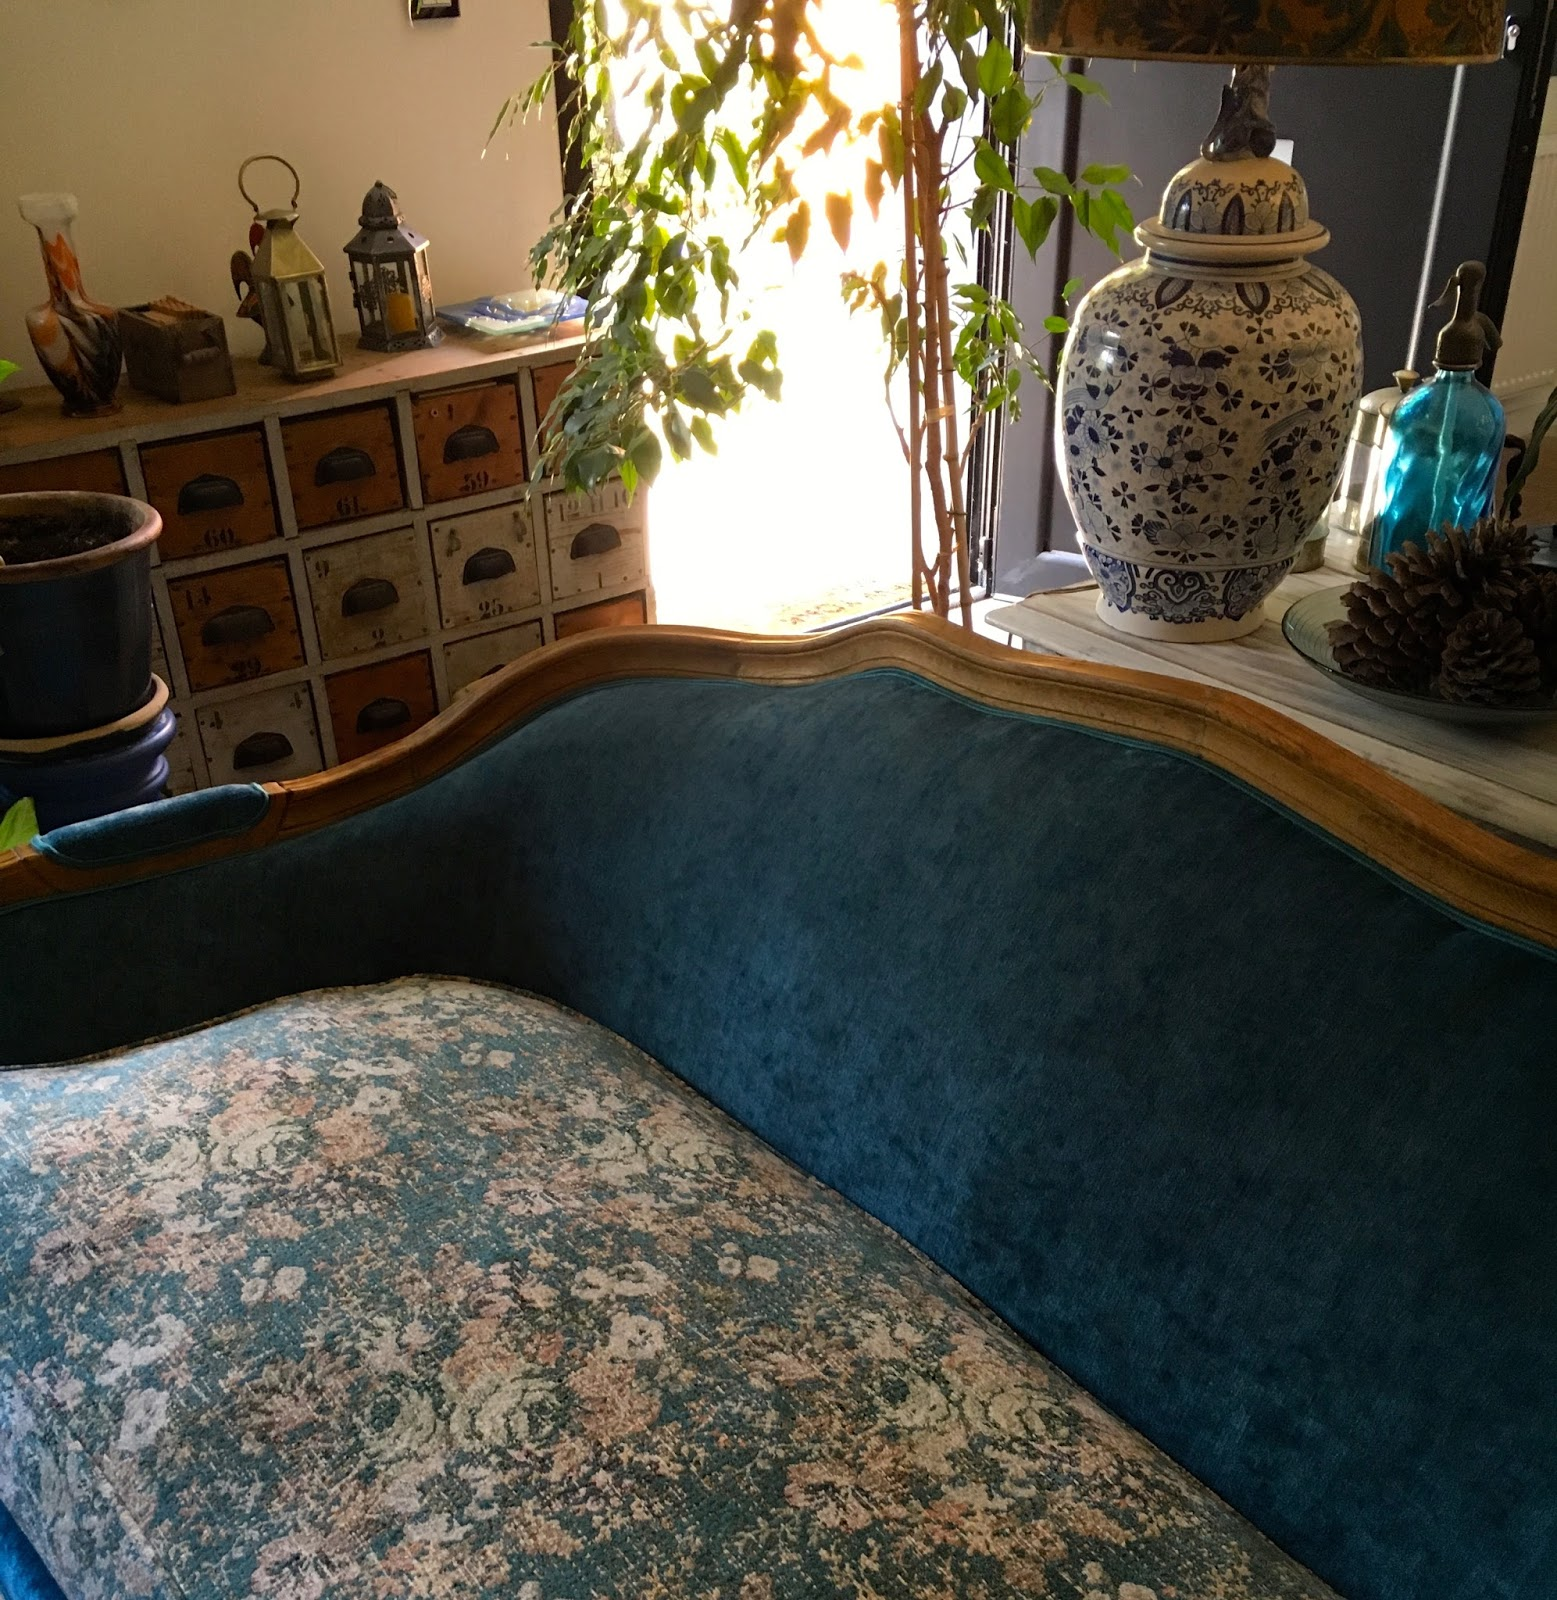 atelier anne lavit artisan tapissier d corateur 69007 lyon tapiss de fleurs. Black Bedroom Furniture Sets. Home Design Ideas